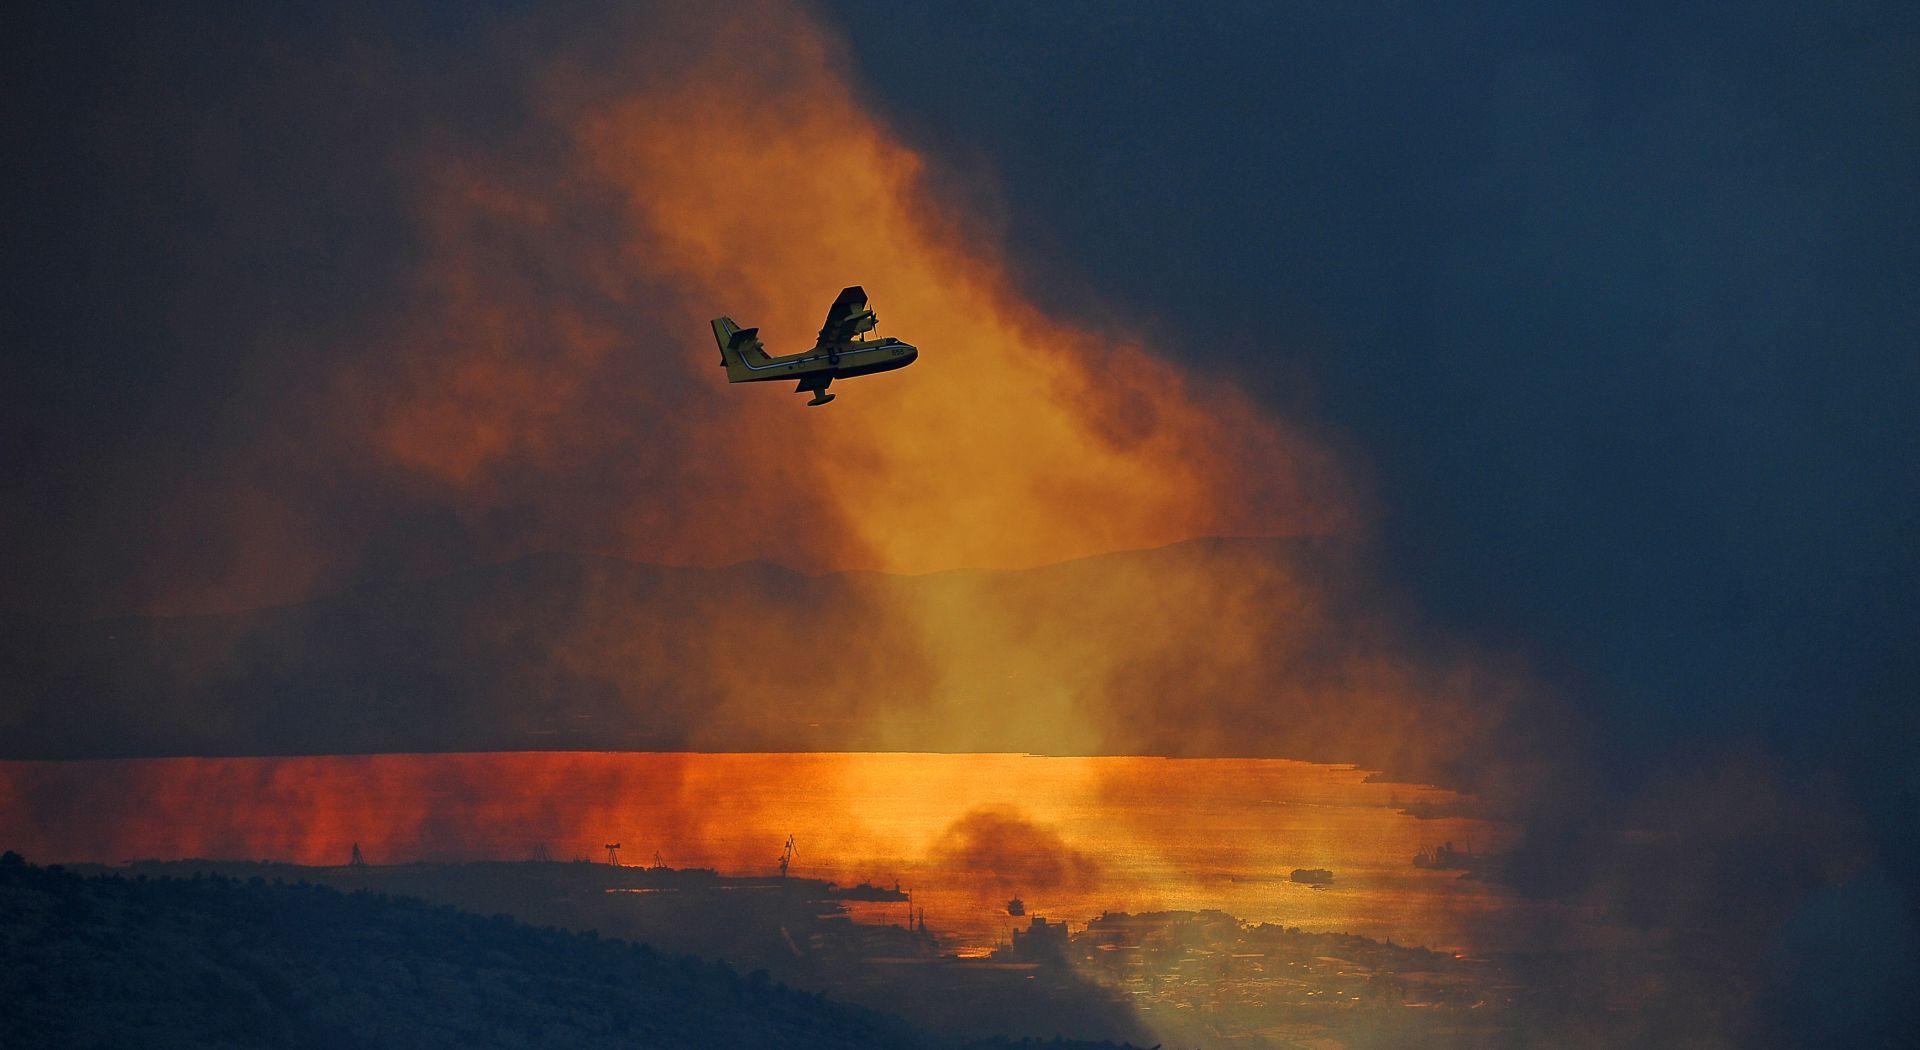 Šestorica raspravljala o požarima bez konkretnih zaključaka